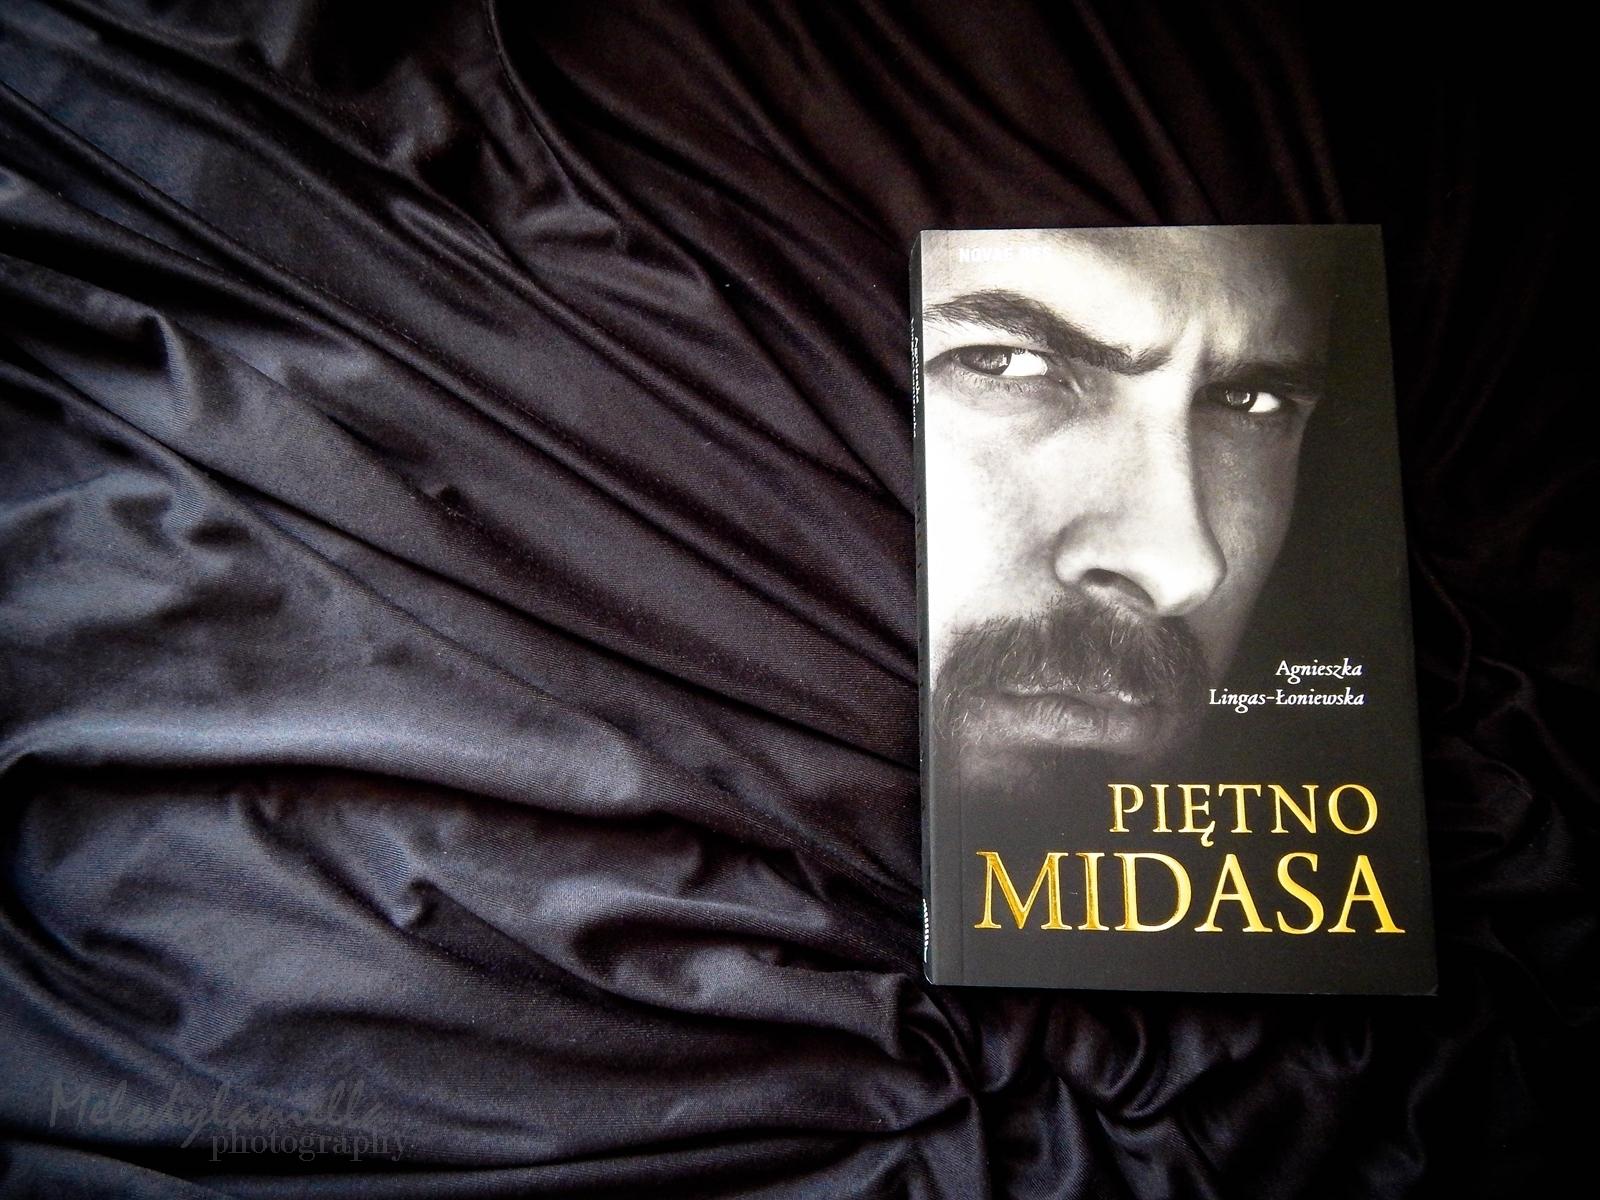 piętno midasa książka agnieszka lingas-łoniewska wydawnictwo novae res recenzja melodylaniella book books